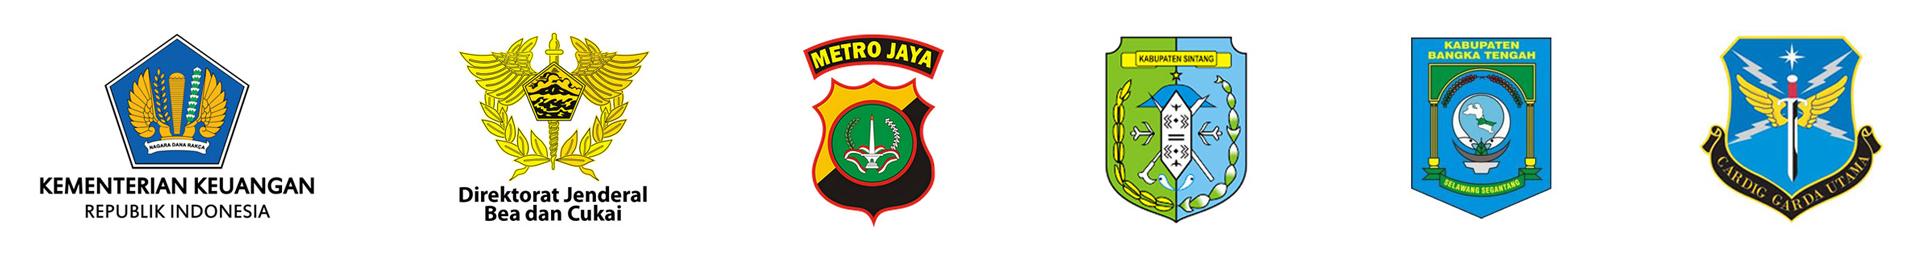 konveksi kemeja kantor, konveksi kemeja pabrik, konveksi kemeja kerja, konveksi baju kemeja, konveksi kemeja premium, pesan kemeja kustom Jakarta.